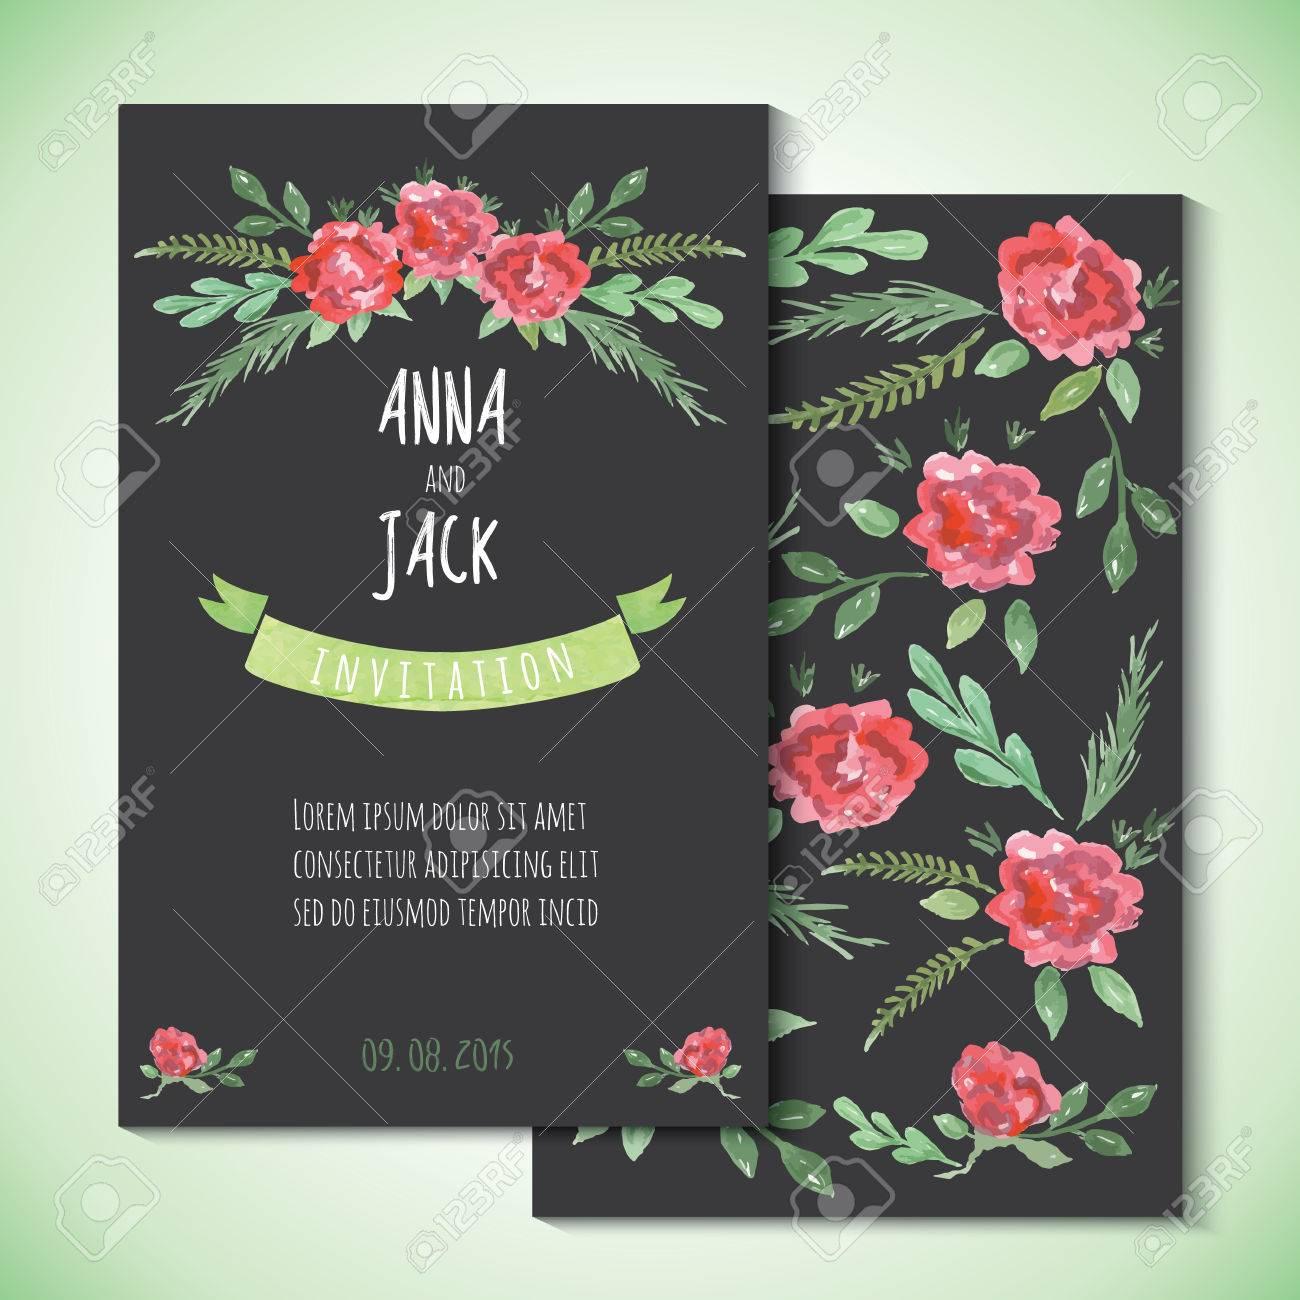 Aquarell Vorlagen Für Hochzeit, Einladung, Speichern Die Datumskarten,  Muttertag, Valentinstag,